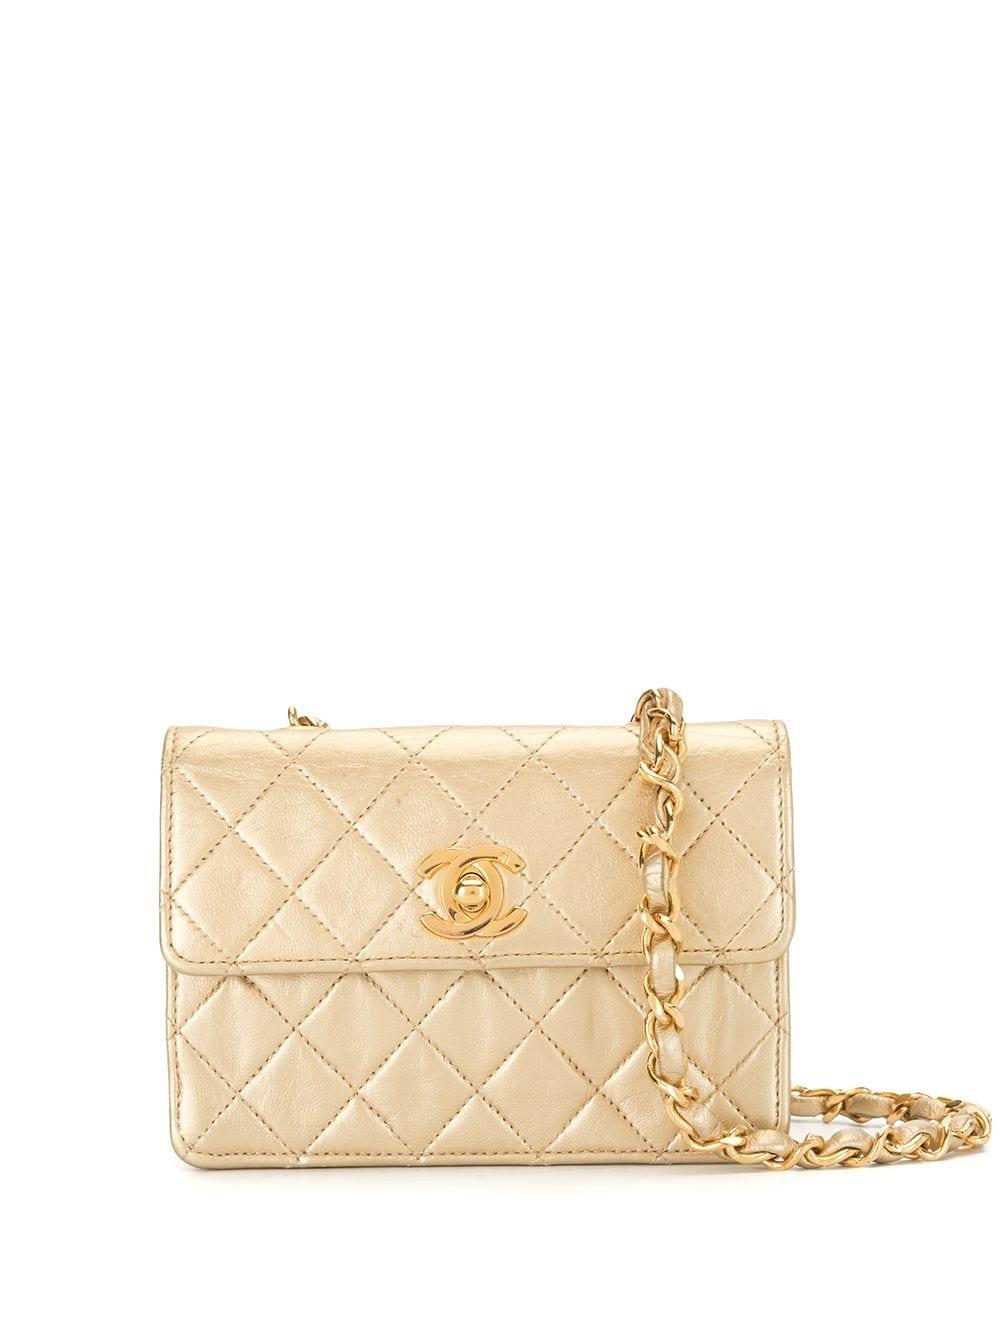 Chanel Pre-Owned 1990 Mini Umhängetasche mit Rauten-Steppung - Gold